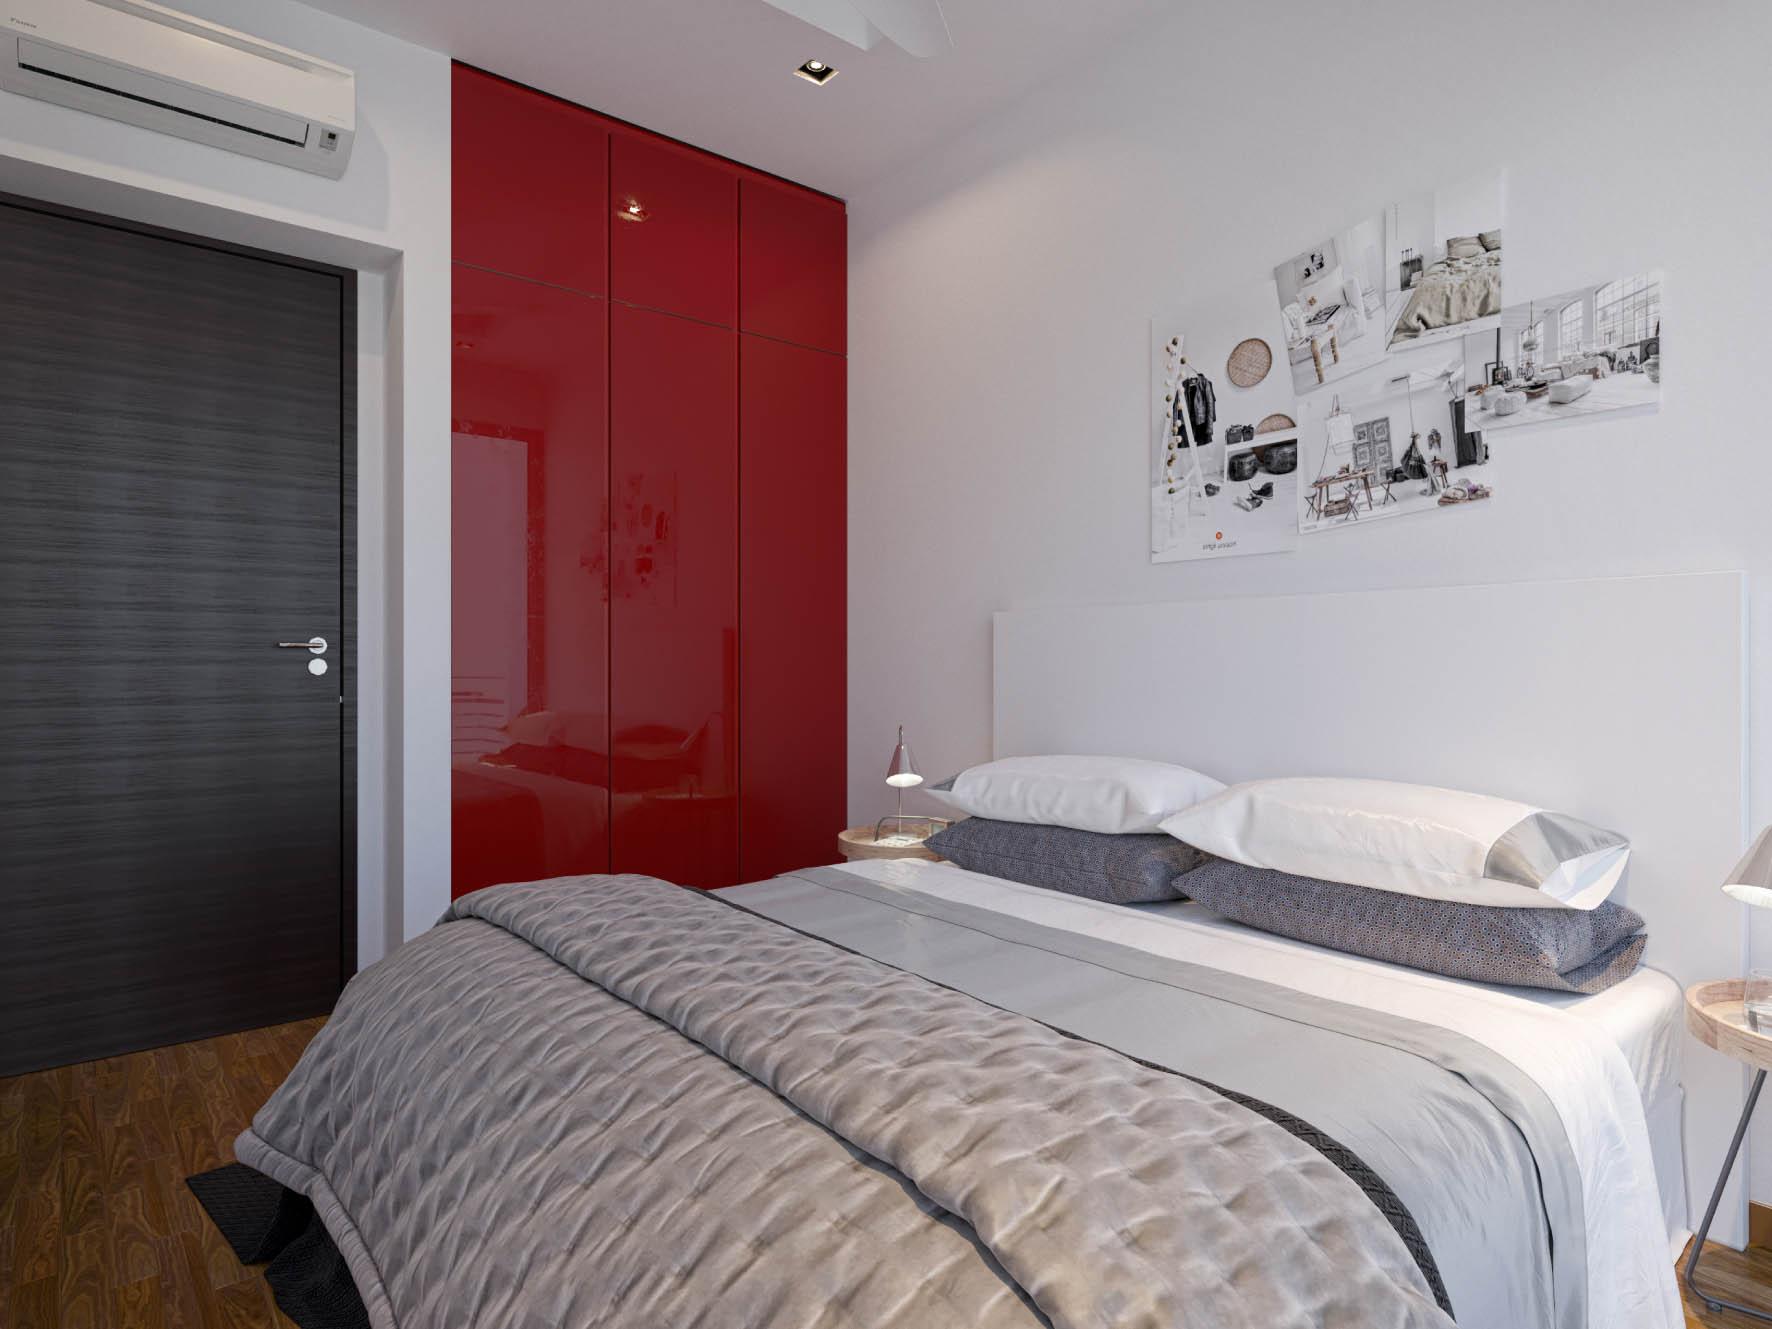 06 - Girl's Room